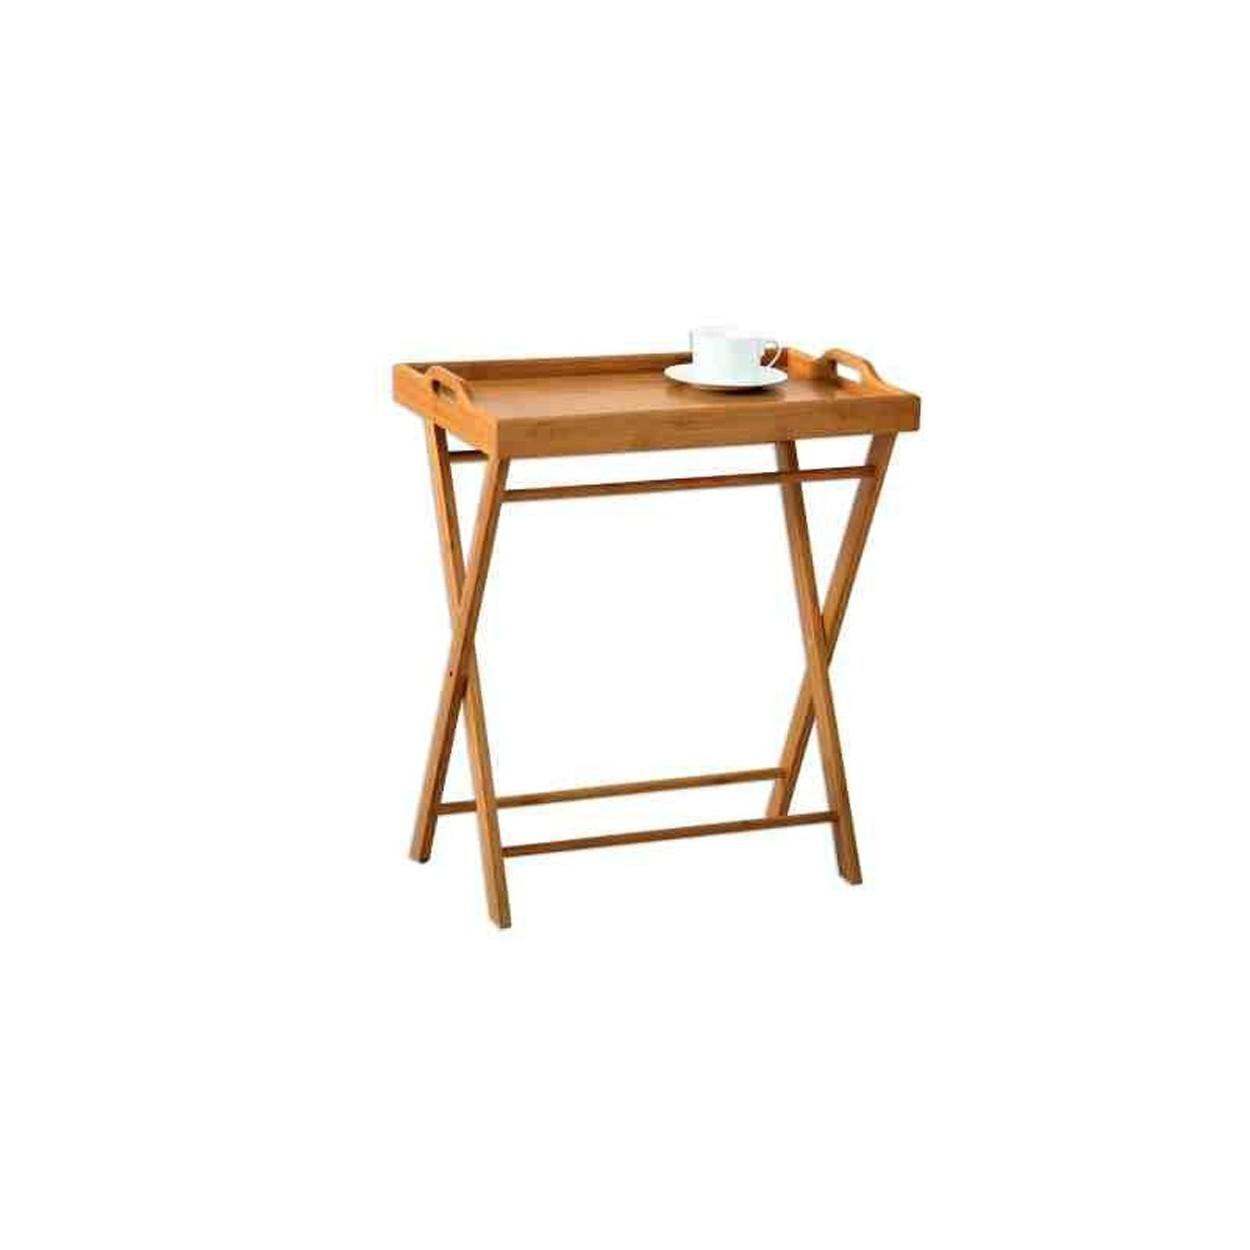 Bandeja cama de bamb con patas 35 x 55 x 61 50 cm hogar y m s - Bandeja con patas ...